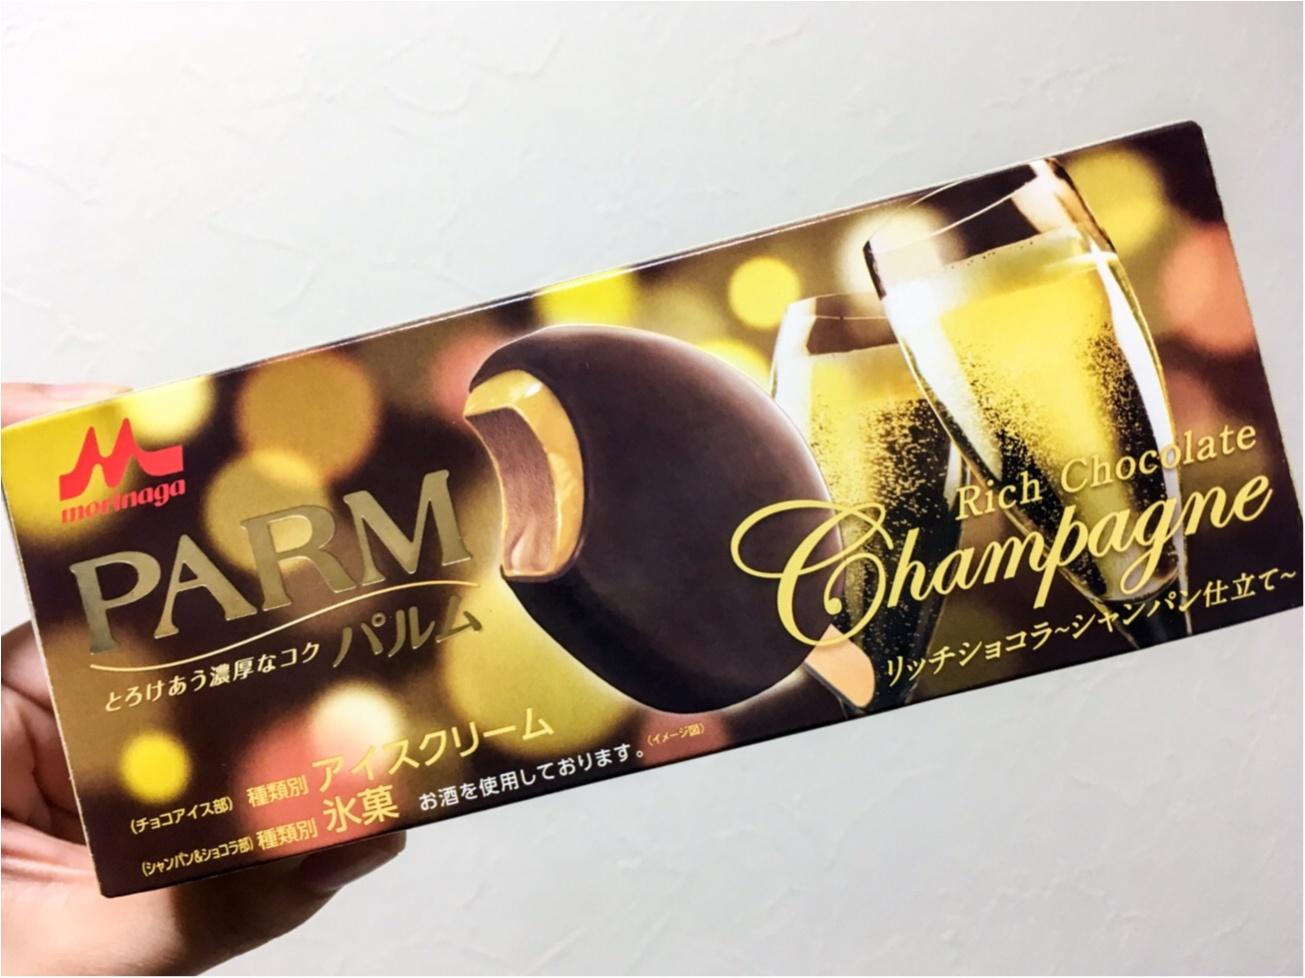 【自分へのご褒美にも!】スペシャル感満載!シャンパン味の新作お菓子がゾクゾク登場★_2